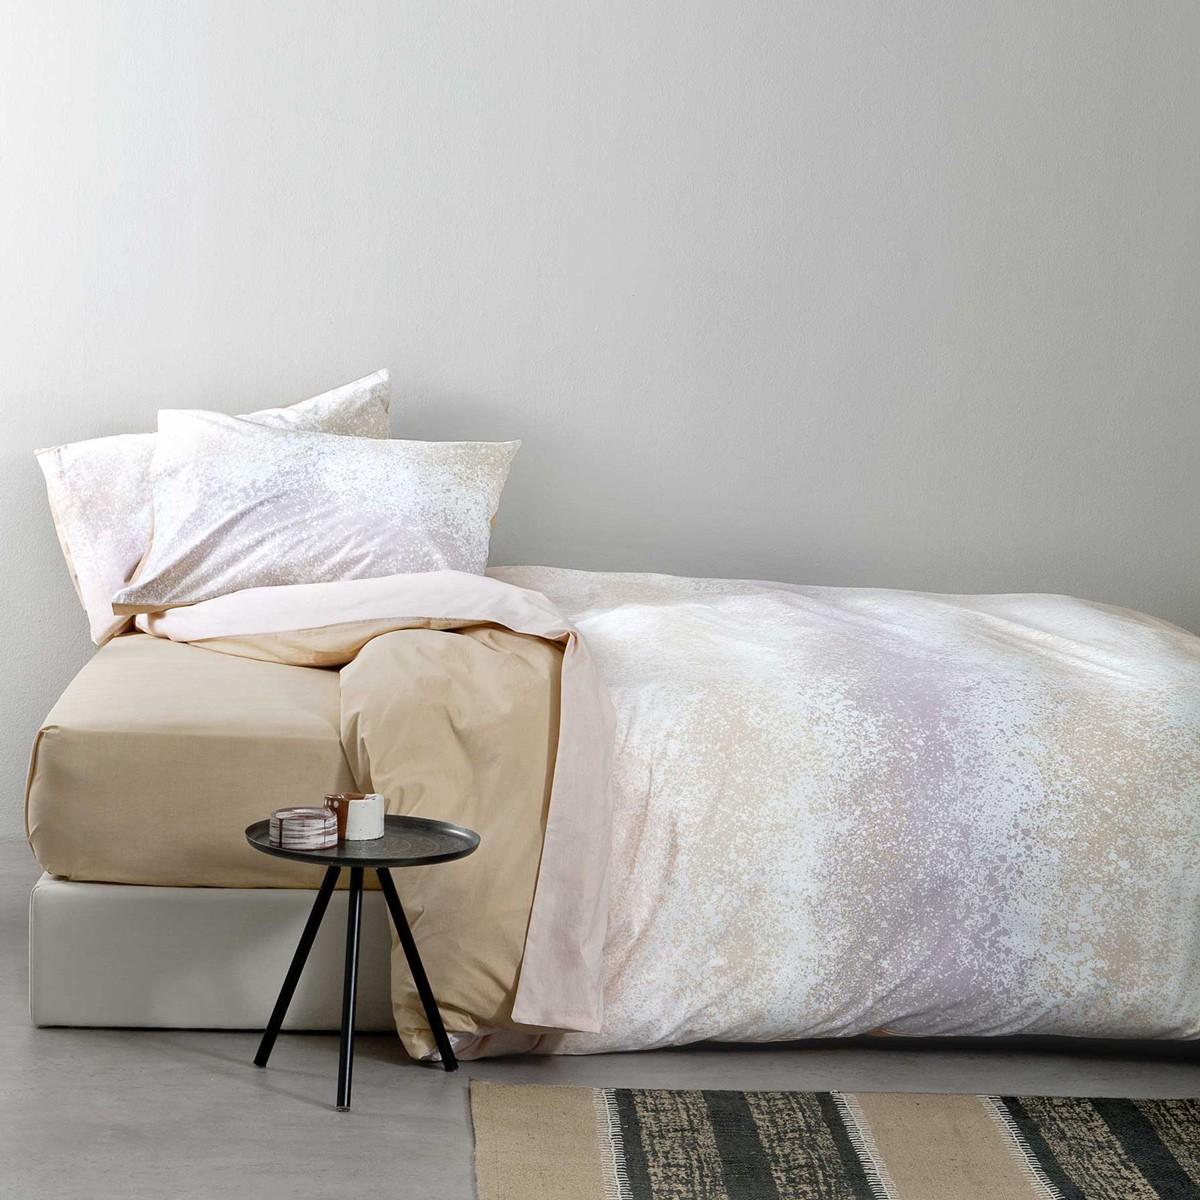 Κουβερλί Υπέρδιπλο Nima Bed Linen Samoa Beige